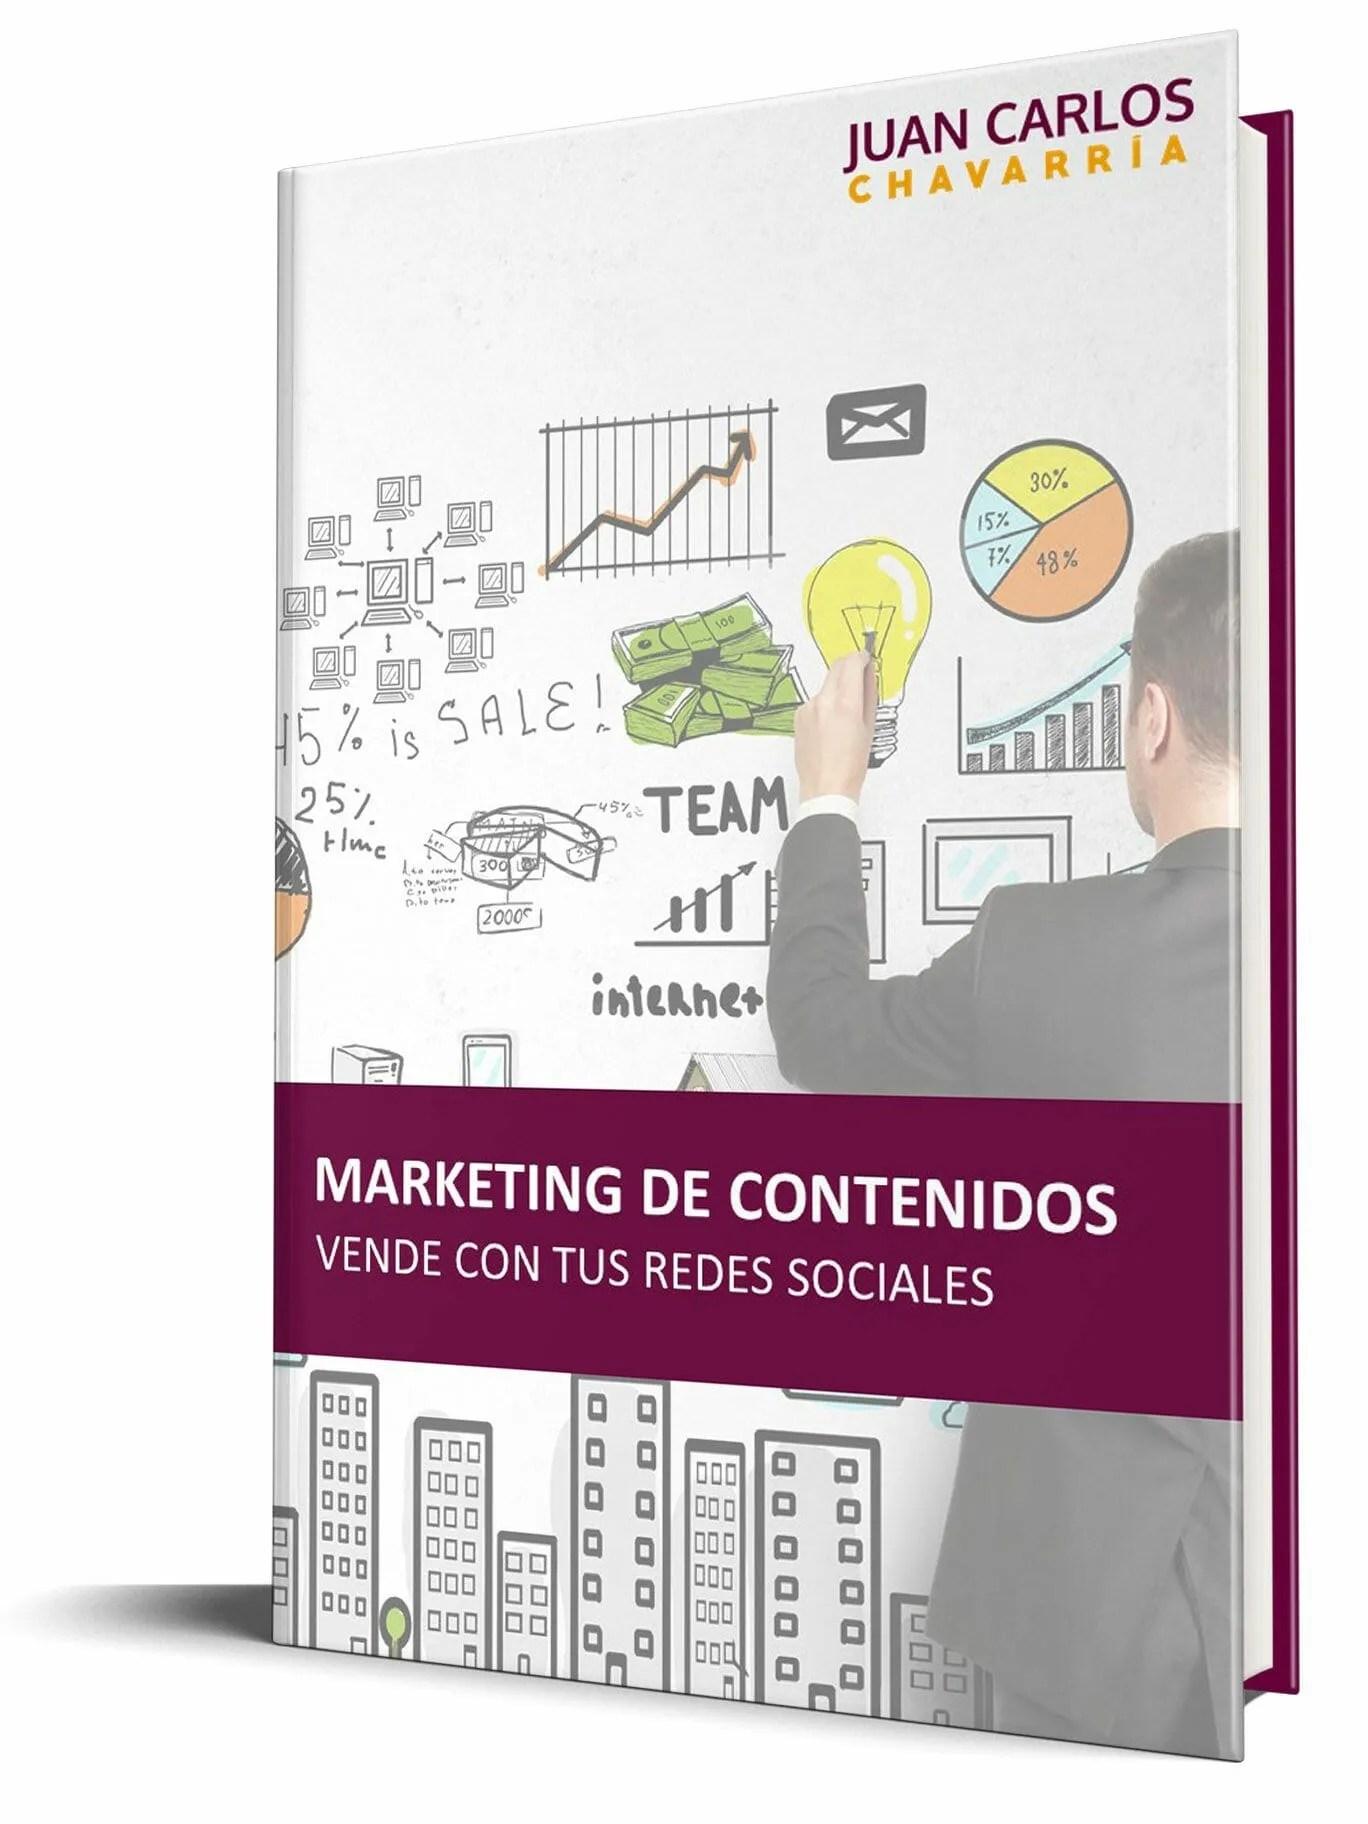 Ebook Marketing de contenidos, Vende con tus redes sociales